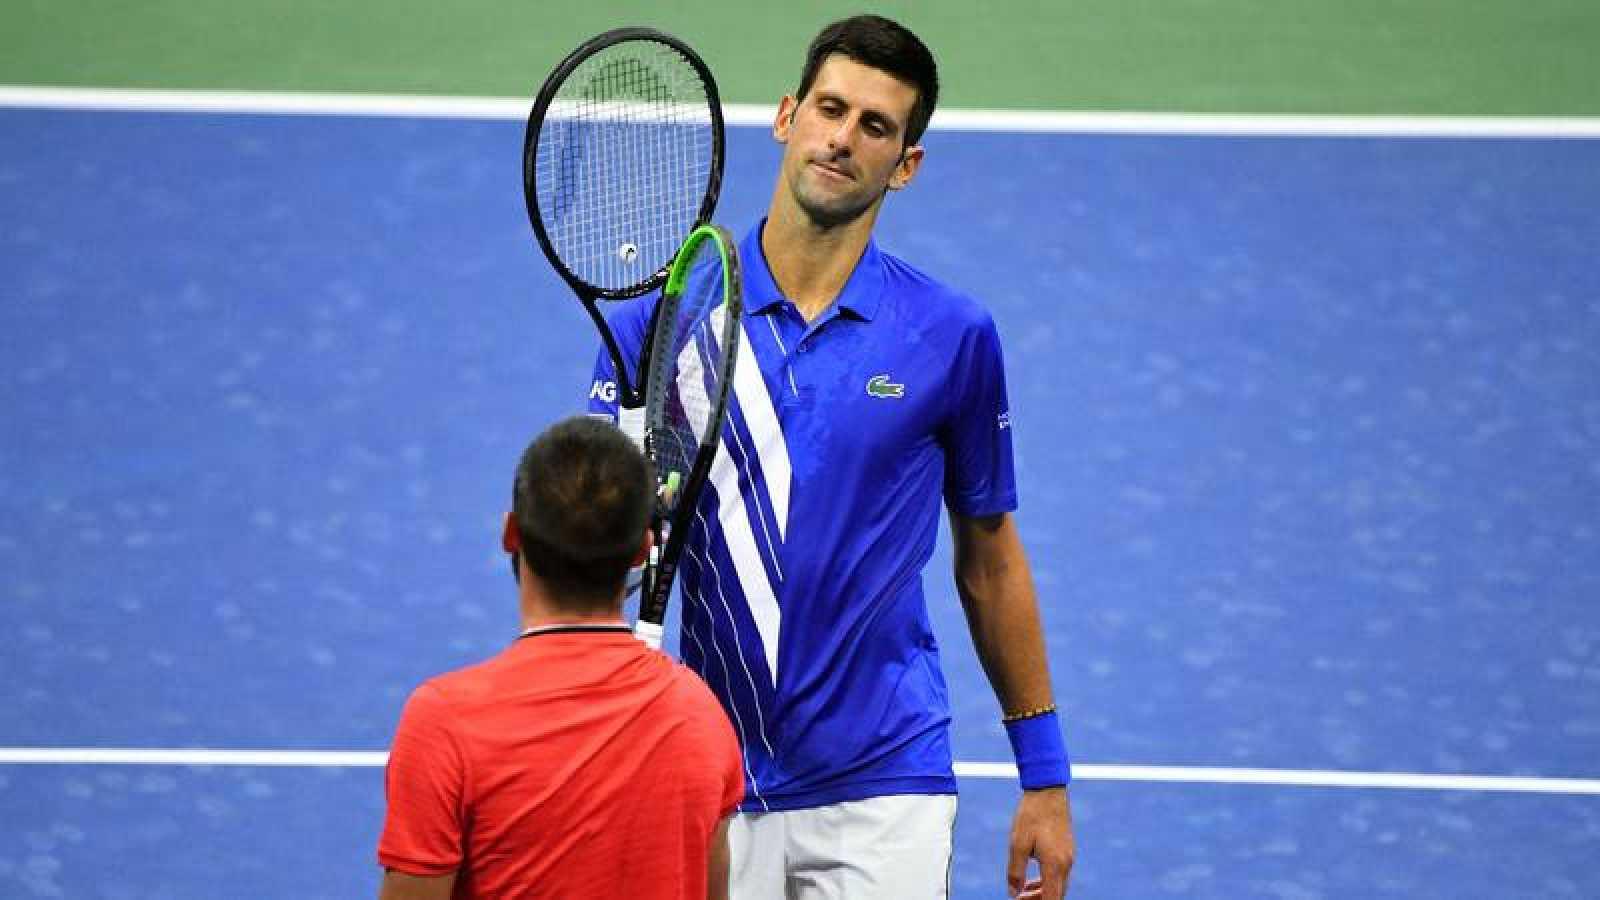 Novak Djokovic choca la raqueta como saludo al bosnio Dzumhur.